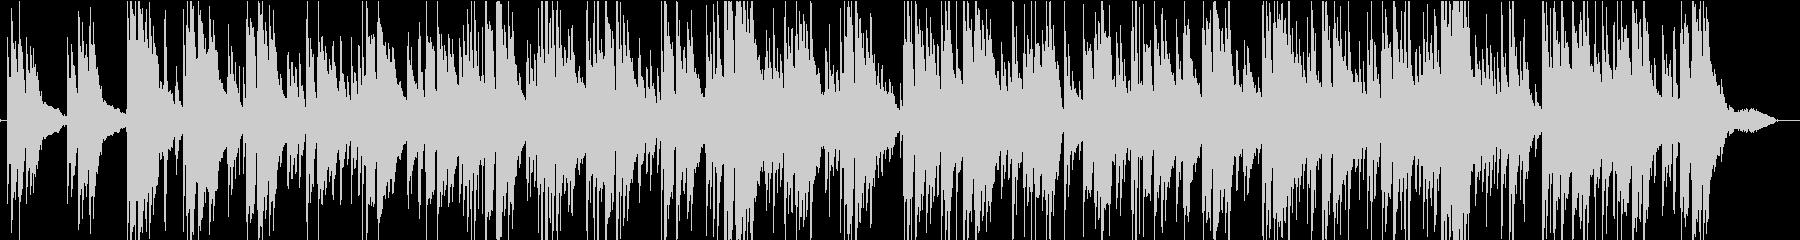 動画 サスペンス 説明的 静か ハ...の未再生の波形